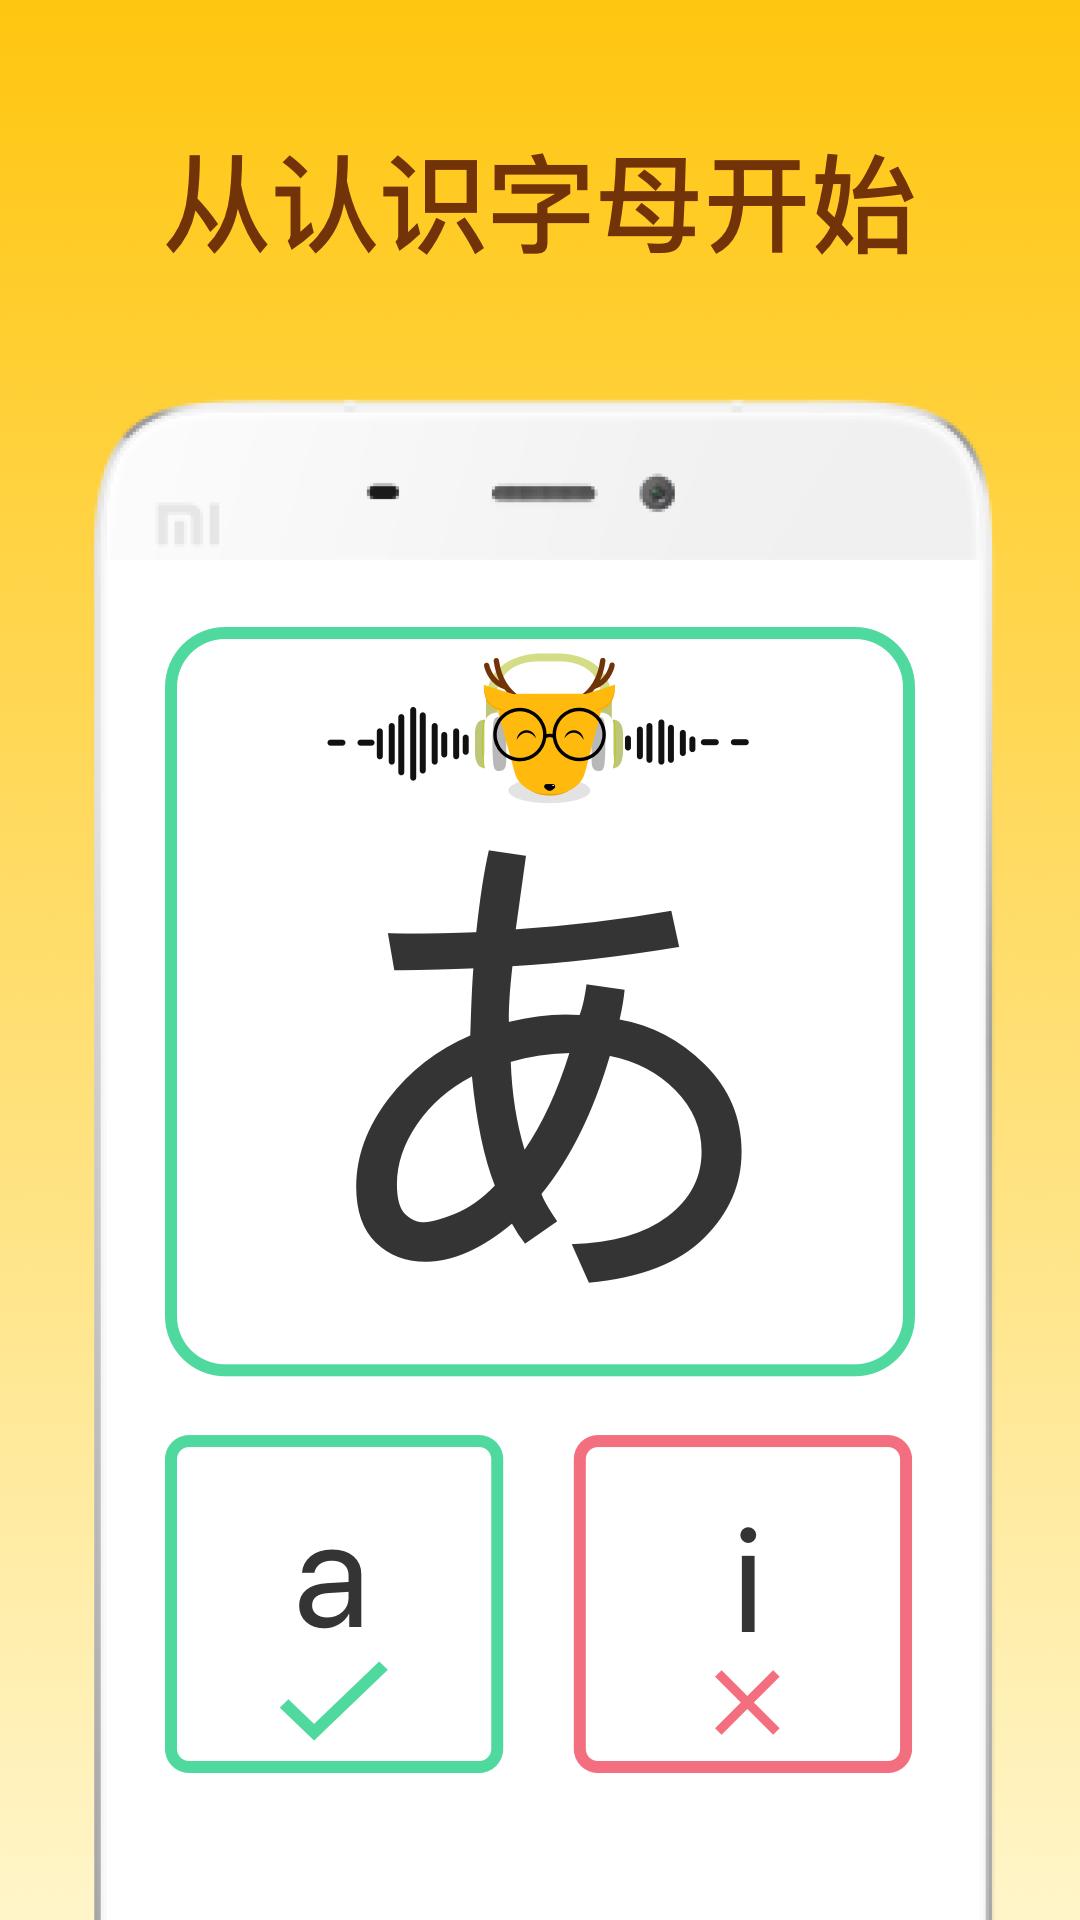 鹿老师说外语 V1.05 安卓免费版截图5